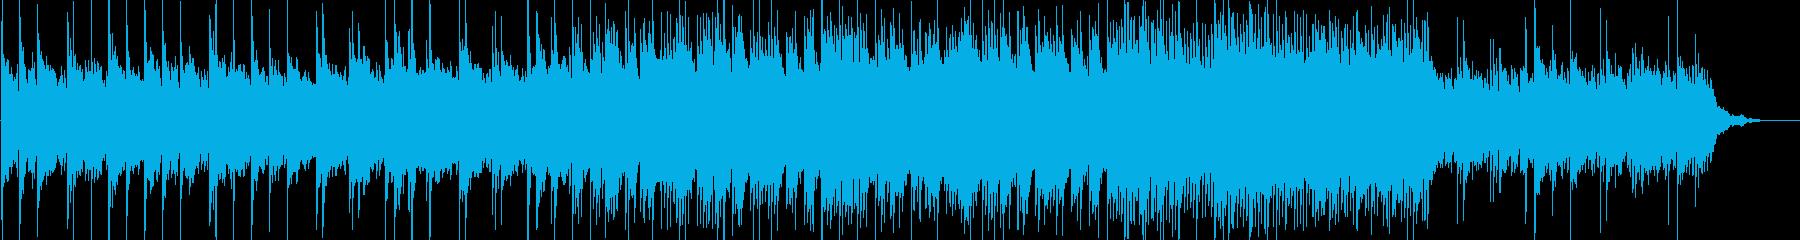 悲しく叙情的なピアノソロの再生済みの波形